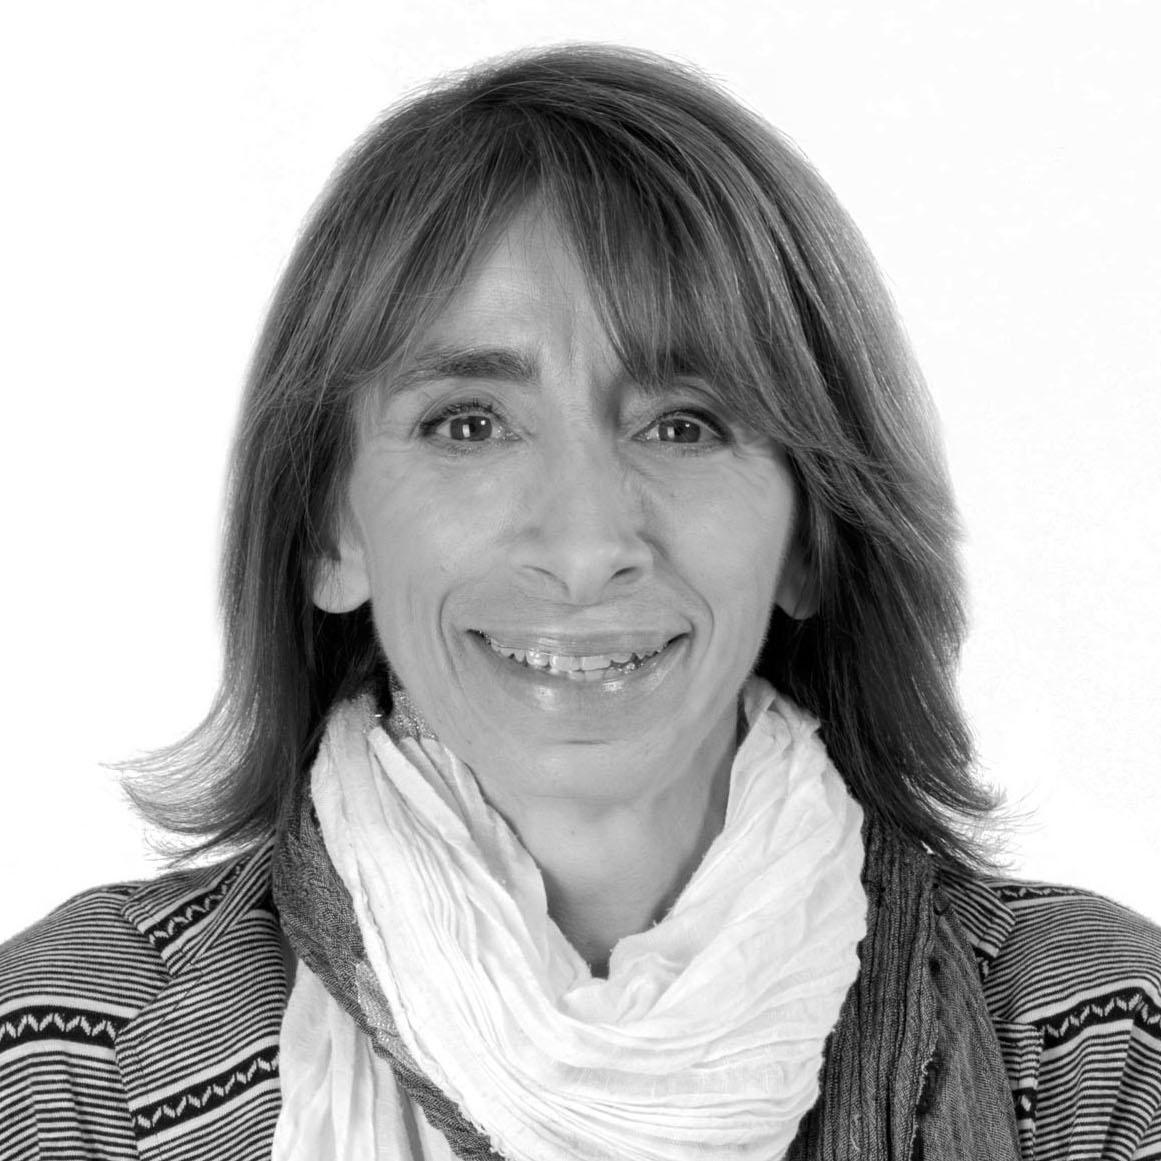 Maria Antonietta Pelliccioni